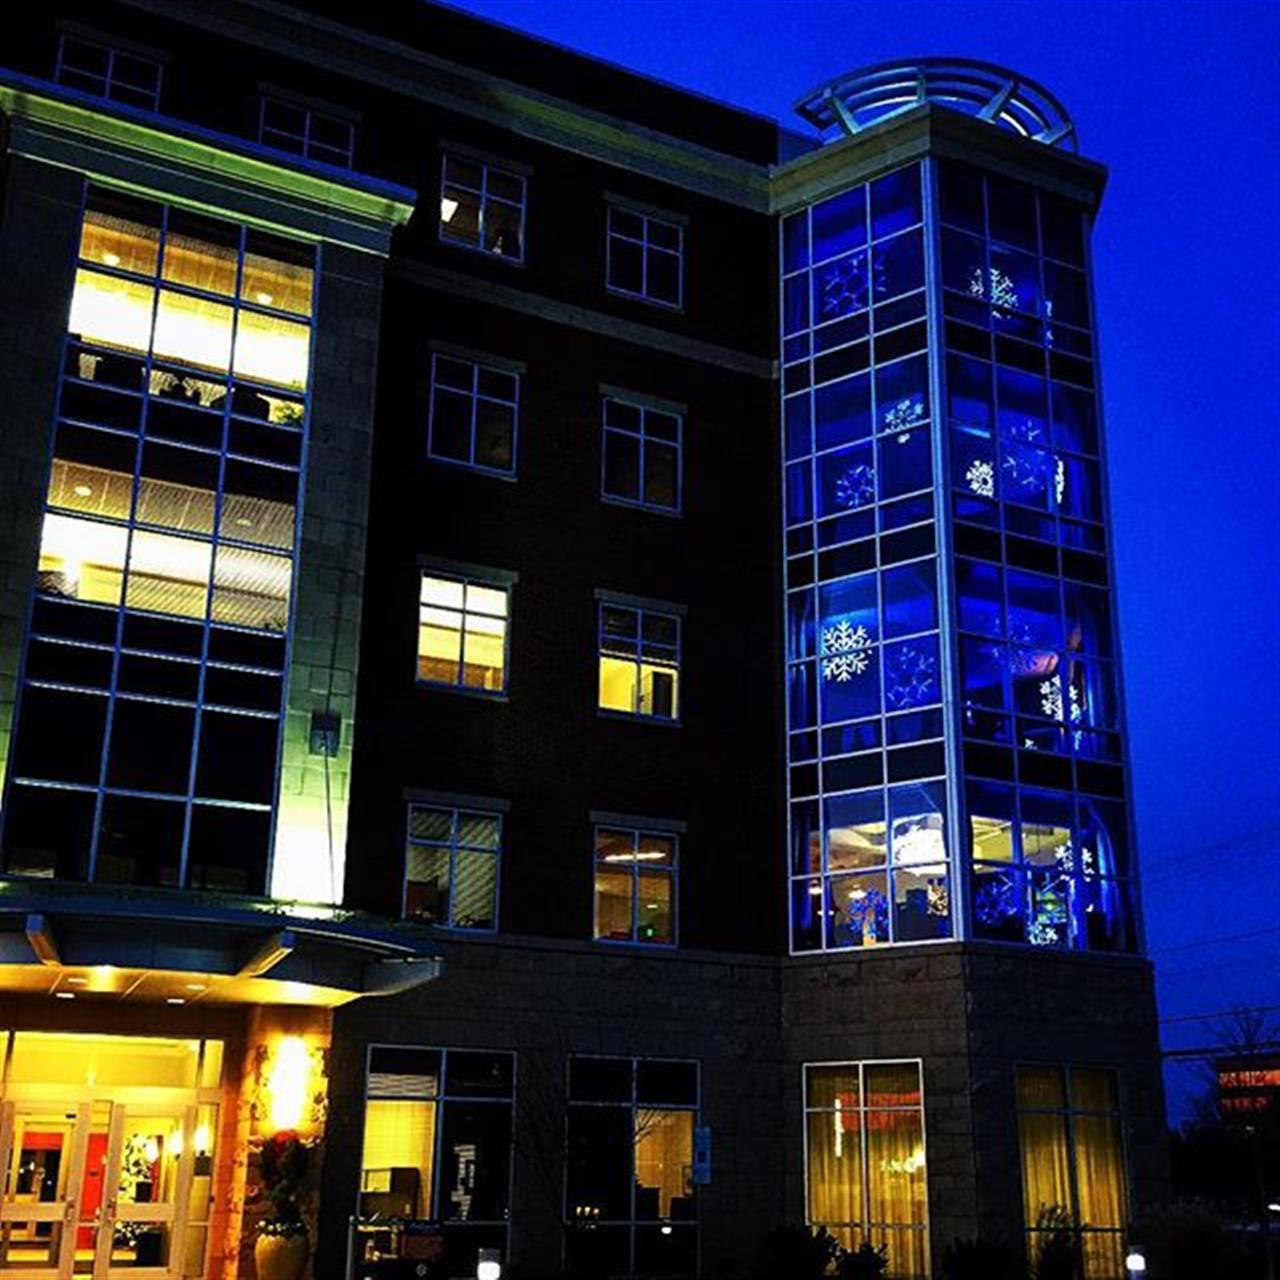 December lights at Leonard Ryden Burr Real Estate Winston-Salem, NC #lrbhomes #leadingrelocal #december2015 #WSNC